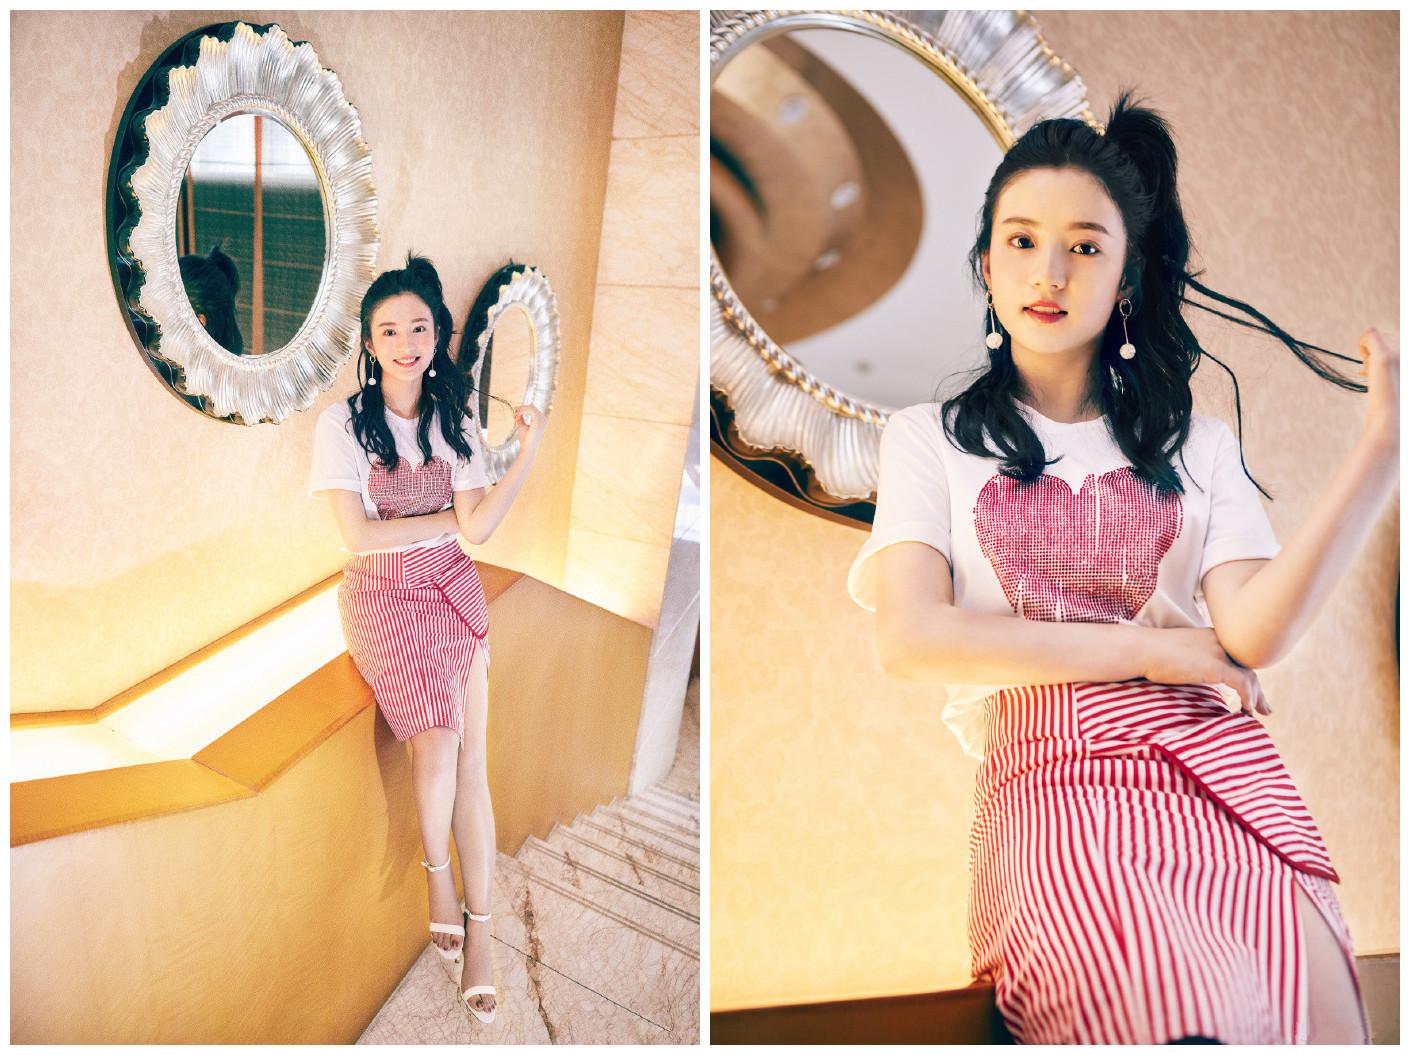 96年小花搭档杨幂出演《扶摇》,除了颜值高衣品更是少女风典范